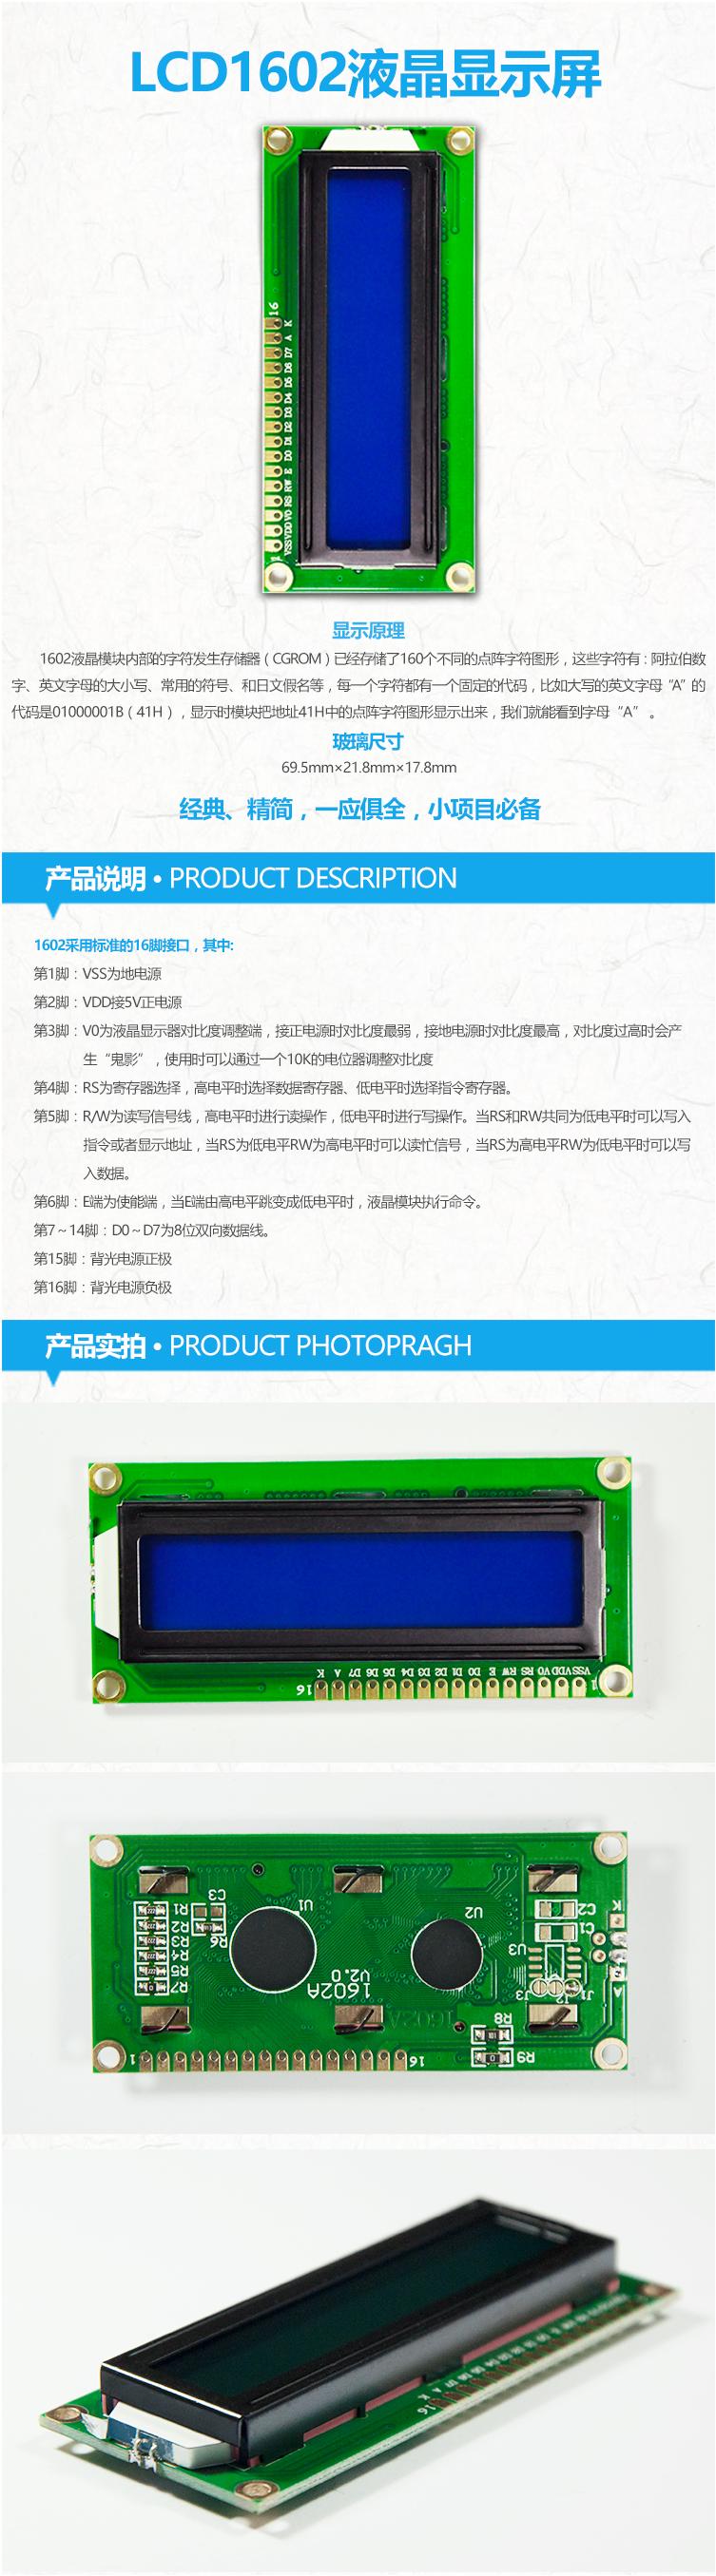 1602液晶屏 (蓝屏)LCD液晶屏带背光 51学习板配套液晶 1602 蓝色-淘宝网副本.png